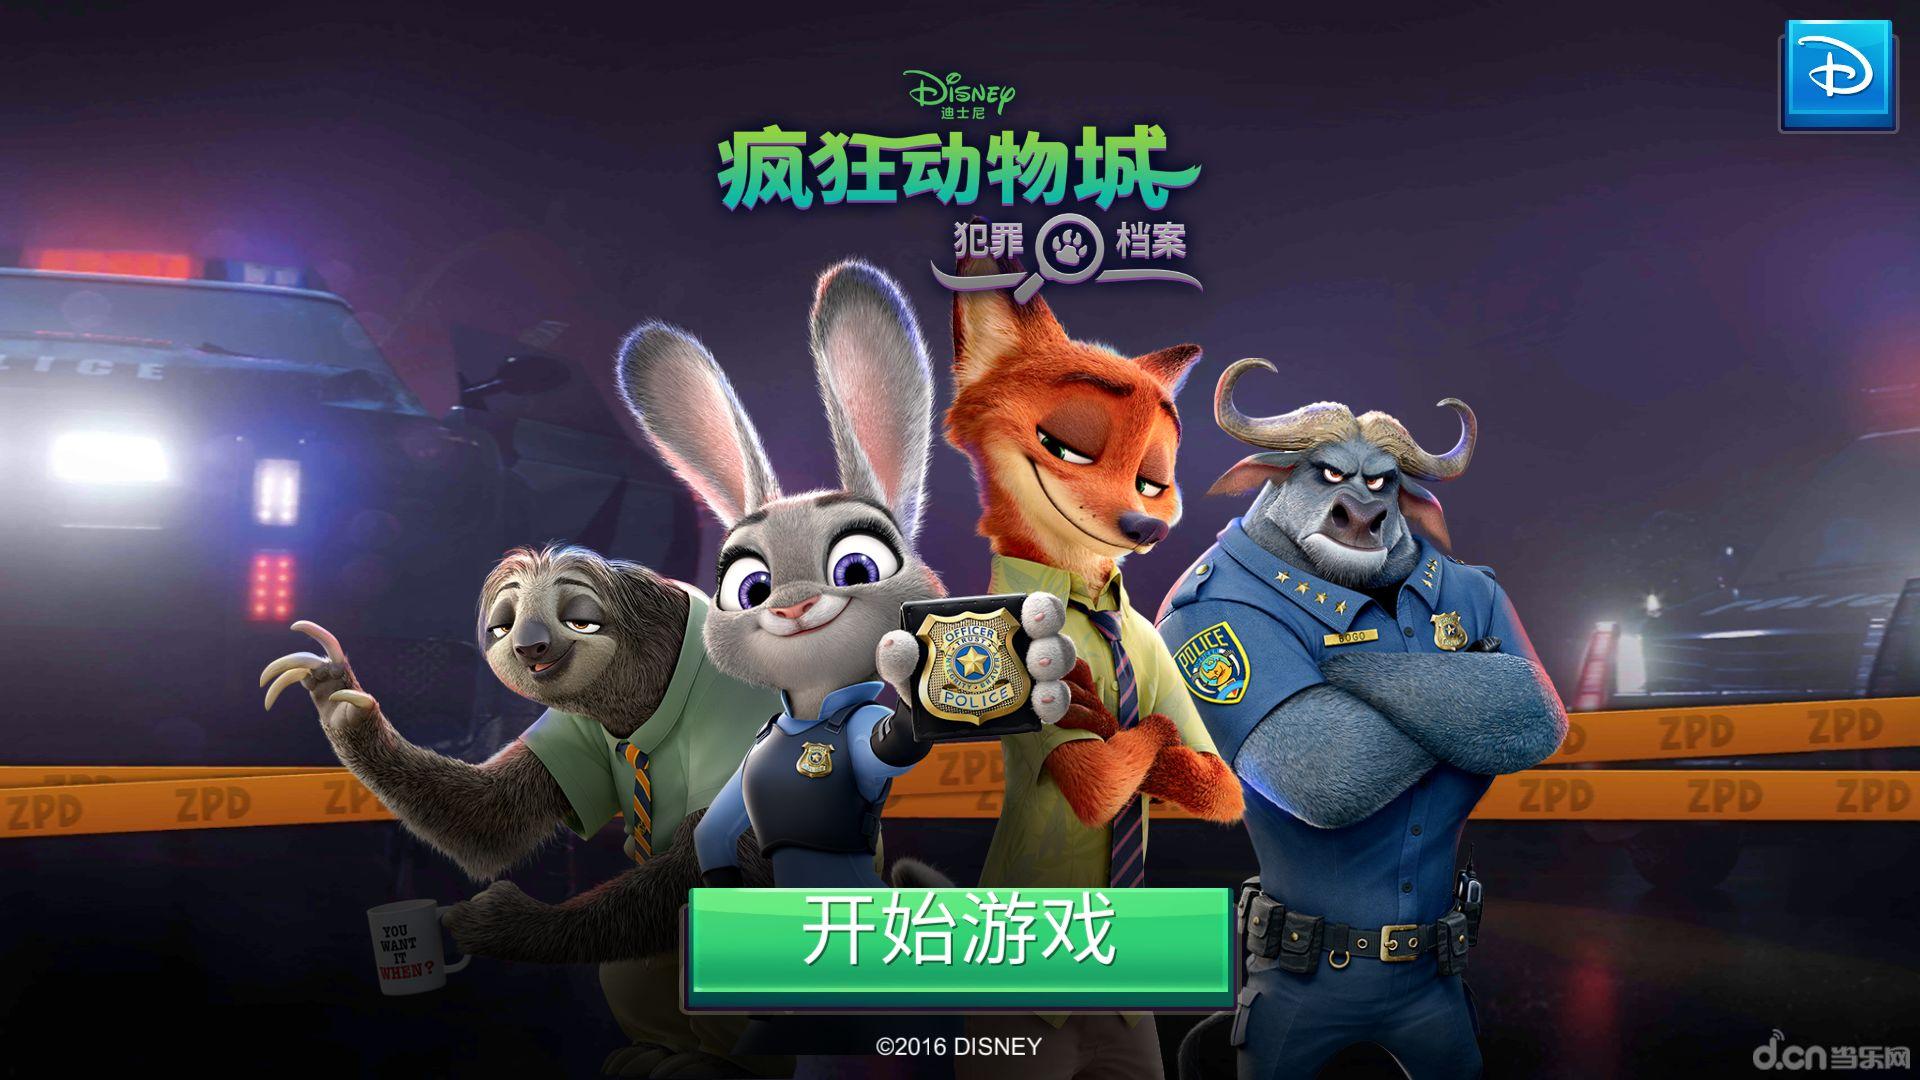 《疯狂动物城 Zootopia》是Disney根据电影疯狂动物城改编的手机游戏。 一场令人难忘的隐藏物品与侦探冒险之旅! 与来自疯狂动物城警察局的警官朱迪 霍普斯和狐尼克这对欢喜冤家联手,在这款超有趣的益智游戏中释放你的破案技巧!仔细搜寻犯罪现场,找到线索,分析证据,让和平与秩序重回疯狂动物城! 携手熟悉的角色 与警官朱迪 霍普斯和狐尼克联手共事,还能呼叫疯狂动物城警察局内最优秀警官的支援,包括豹警官、格里兹利、拉诺维兹和牛局长。 调查犯罪现场 好好利用你的动物本能,在疯狂动物城各处搜寻隐藏物品。 搜集